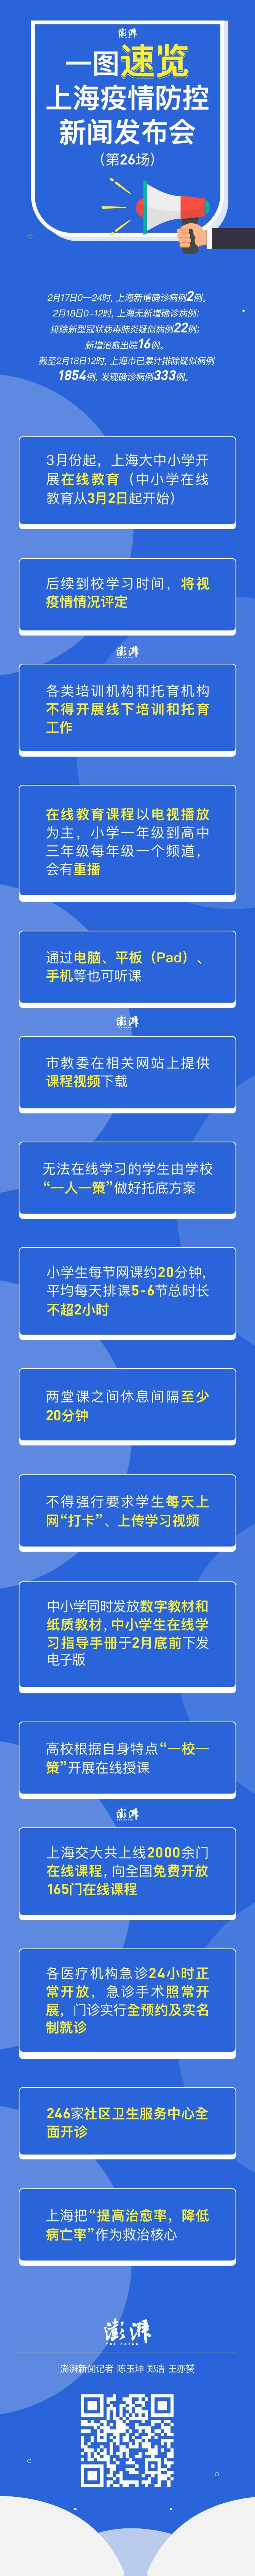 一图速览!上海第二十六场疫情防